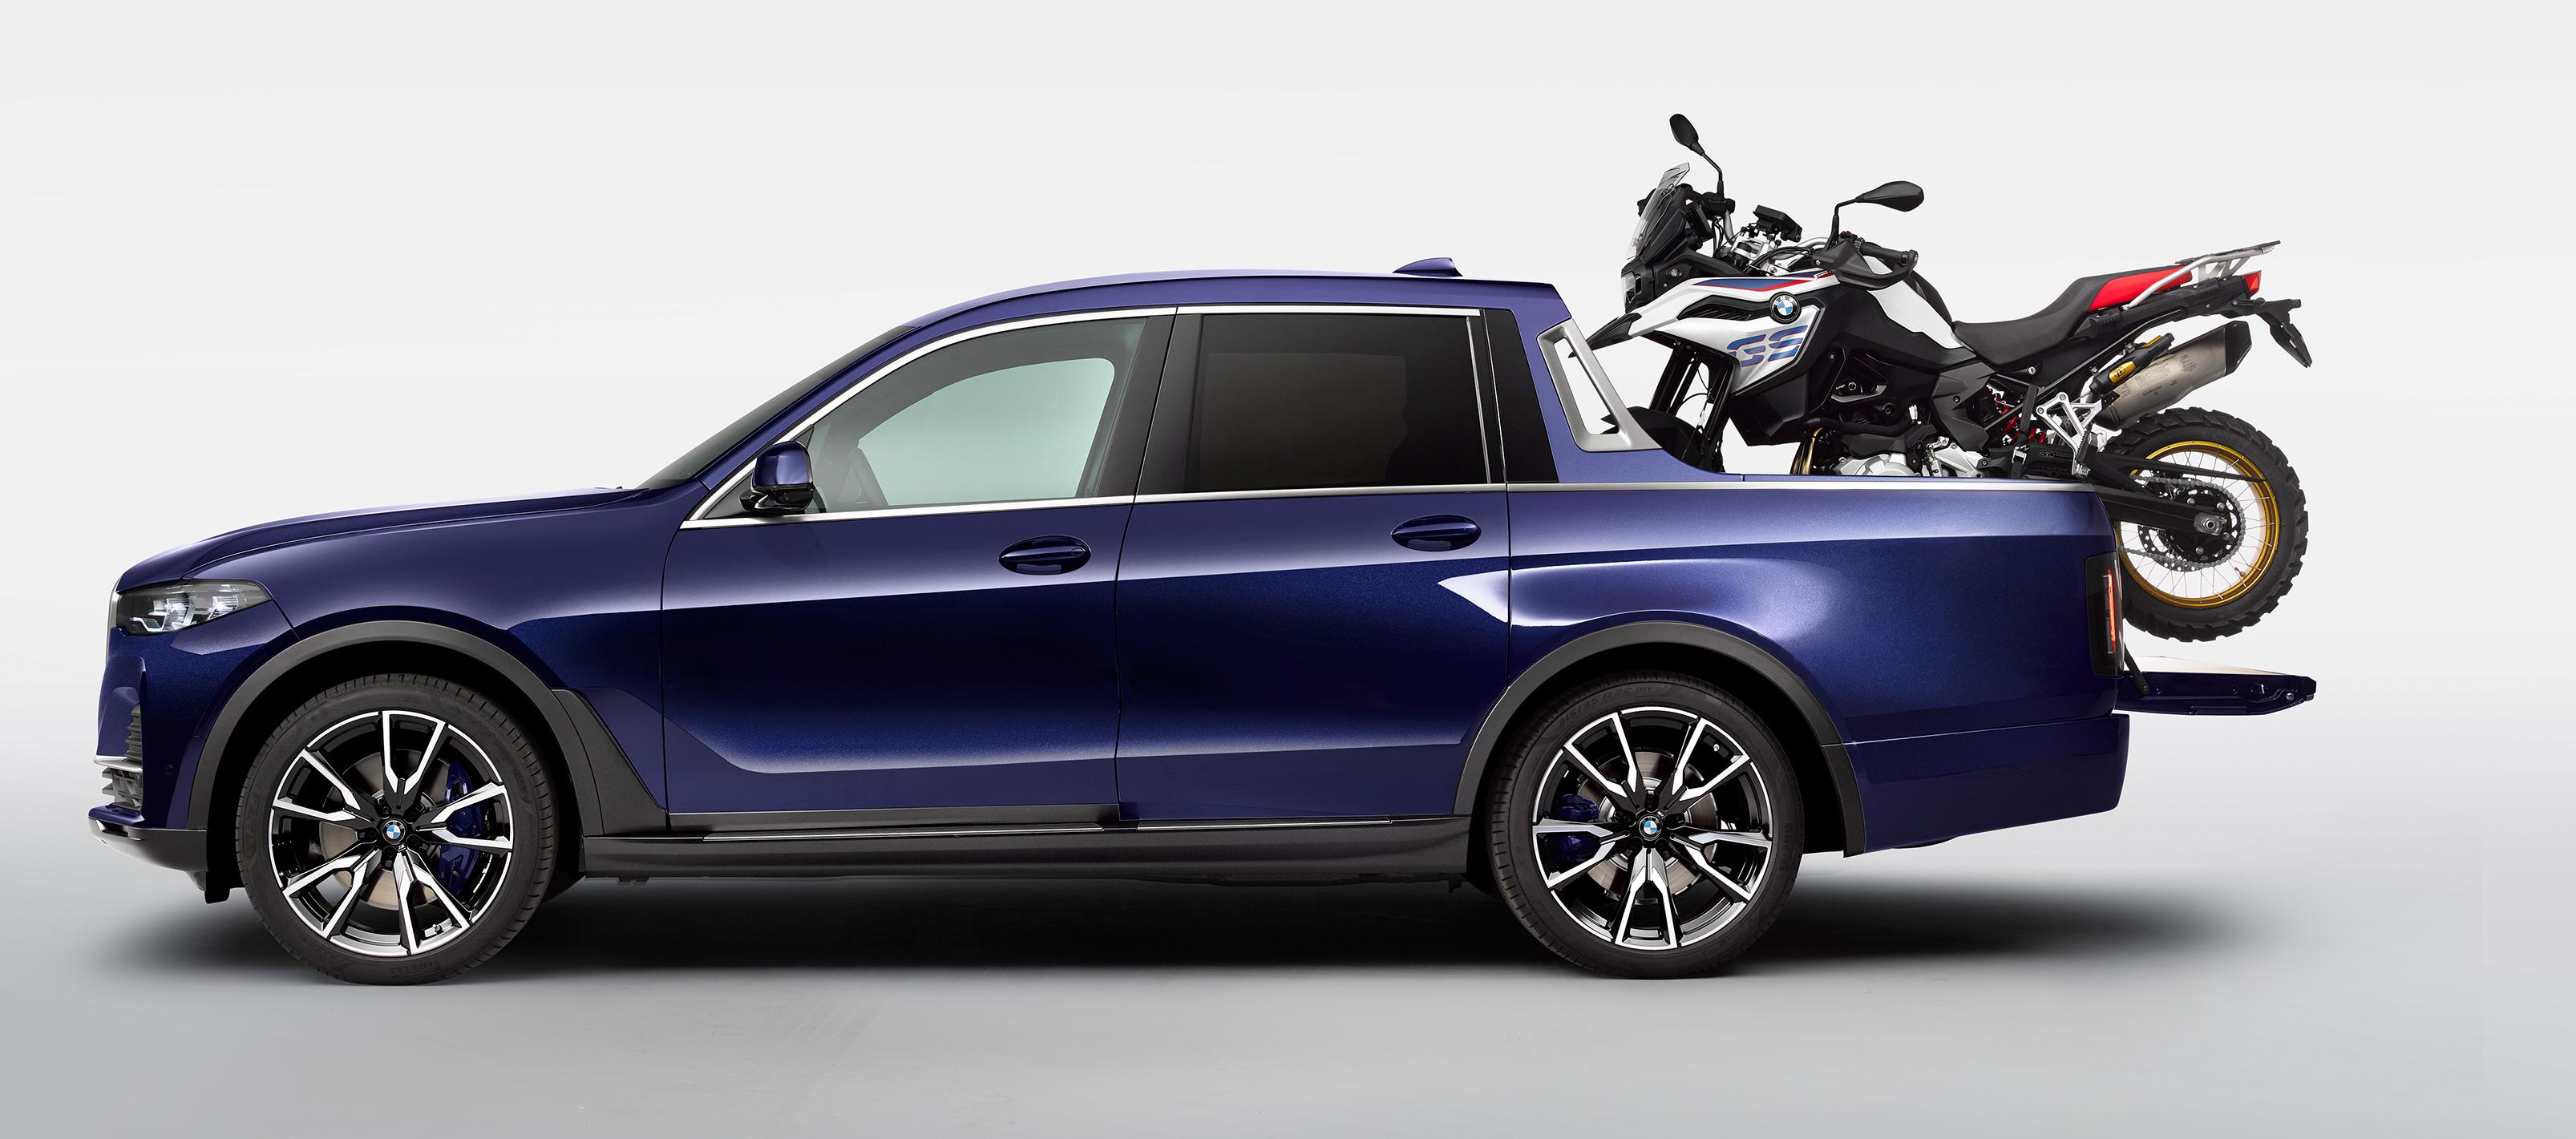 BMW X7 Pick up concept, la visión de BMW para este segmento